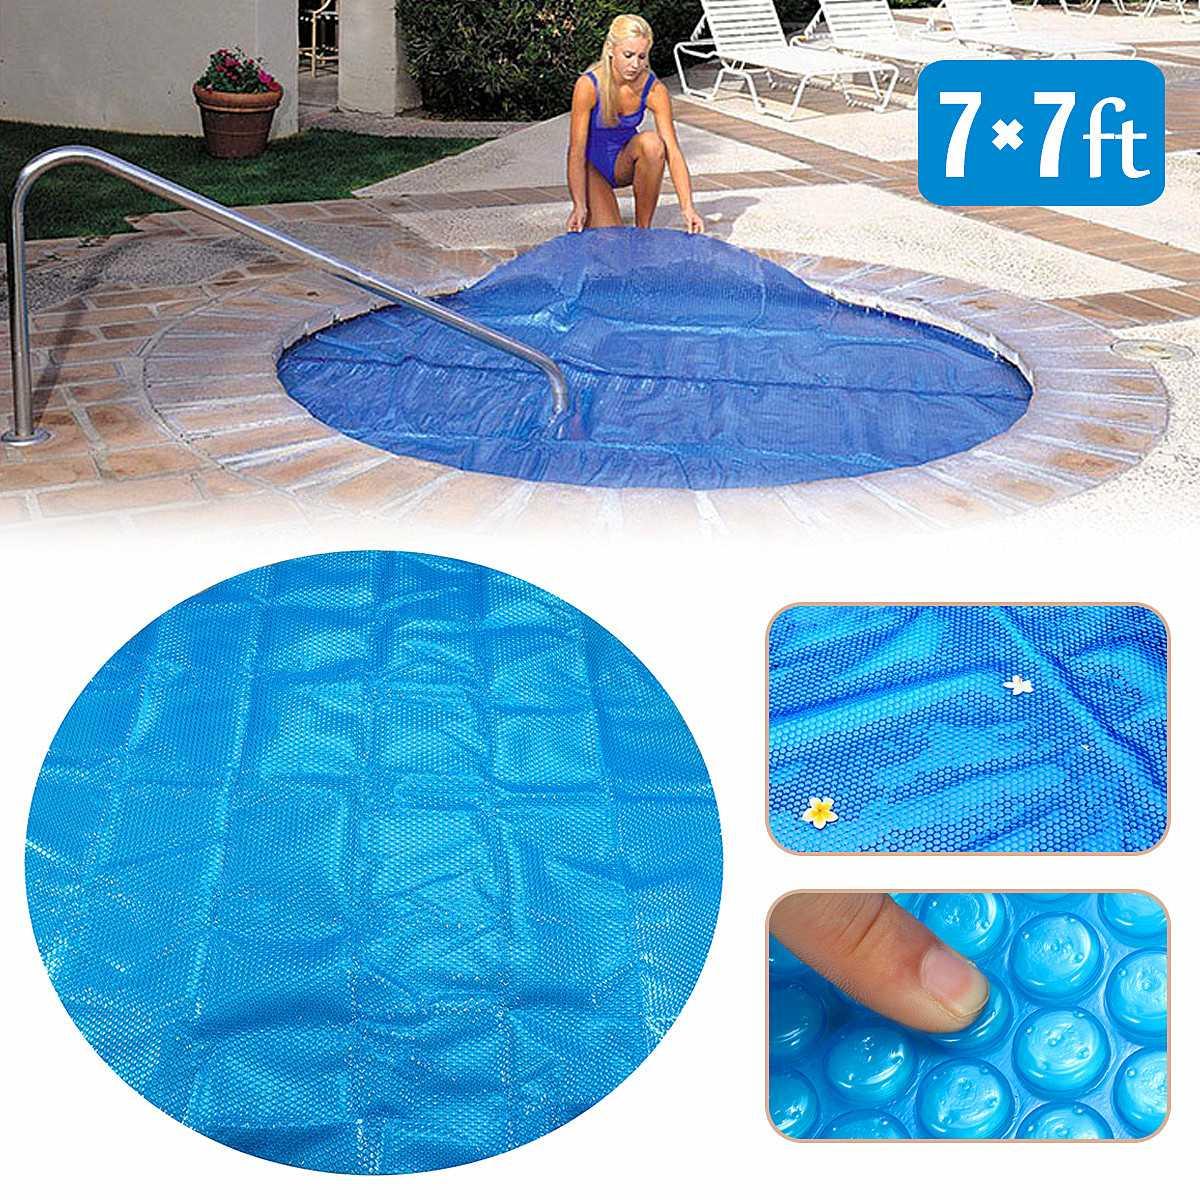 7ft x 7ft piscine familiale ronde piscine bain à remous rétention de chaleur bulle couverture solaire couverture thermique